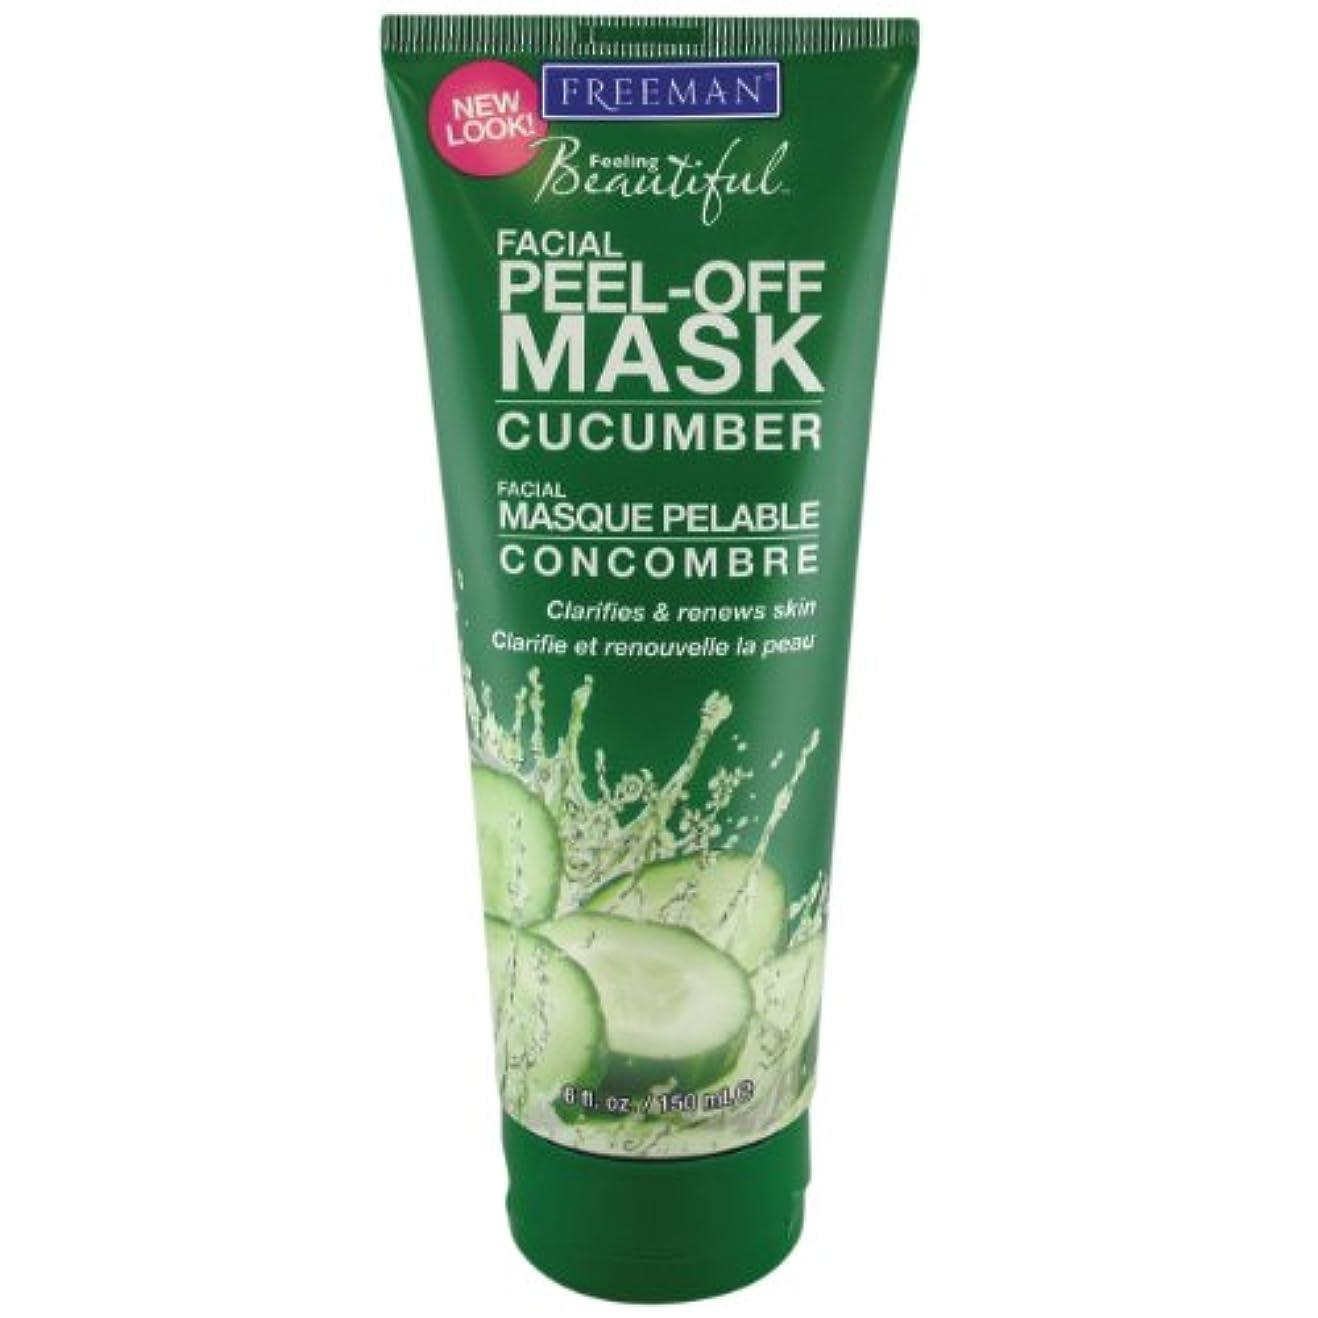 調停する海洋の昨日Freeman Facial Peel-Off Mask Cucumber 150 ml (並行輸入品)